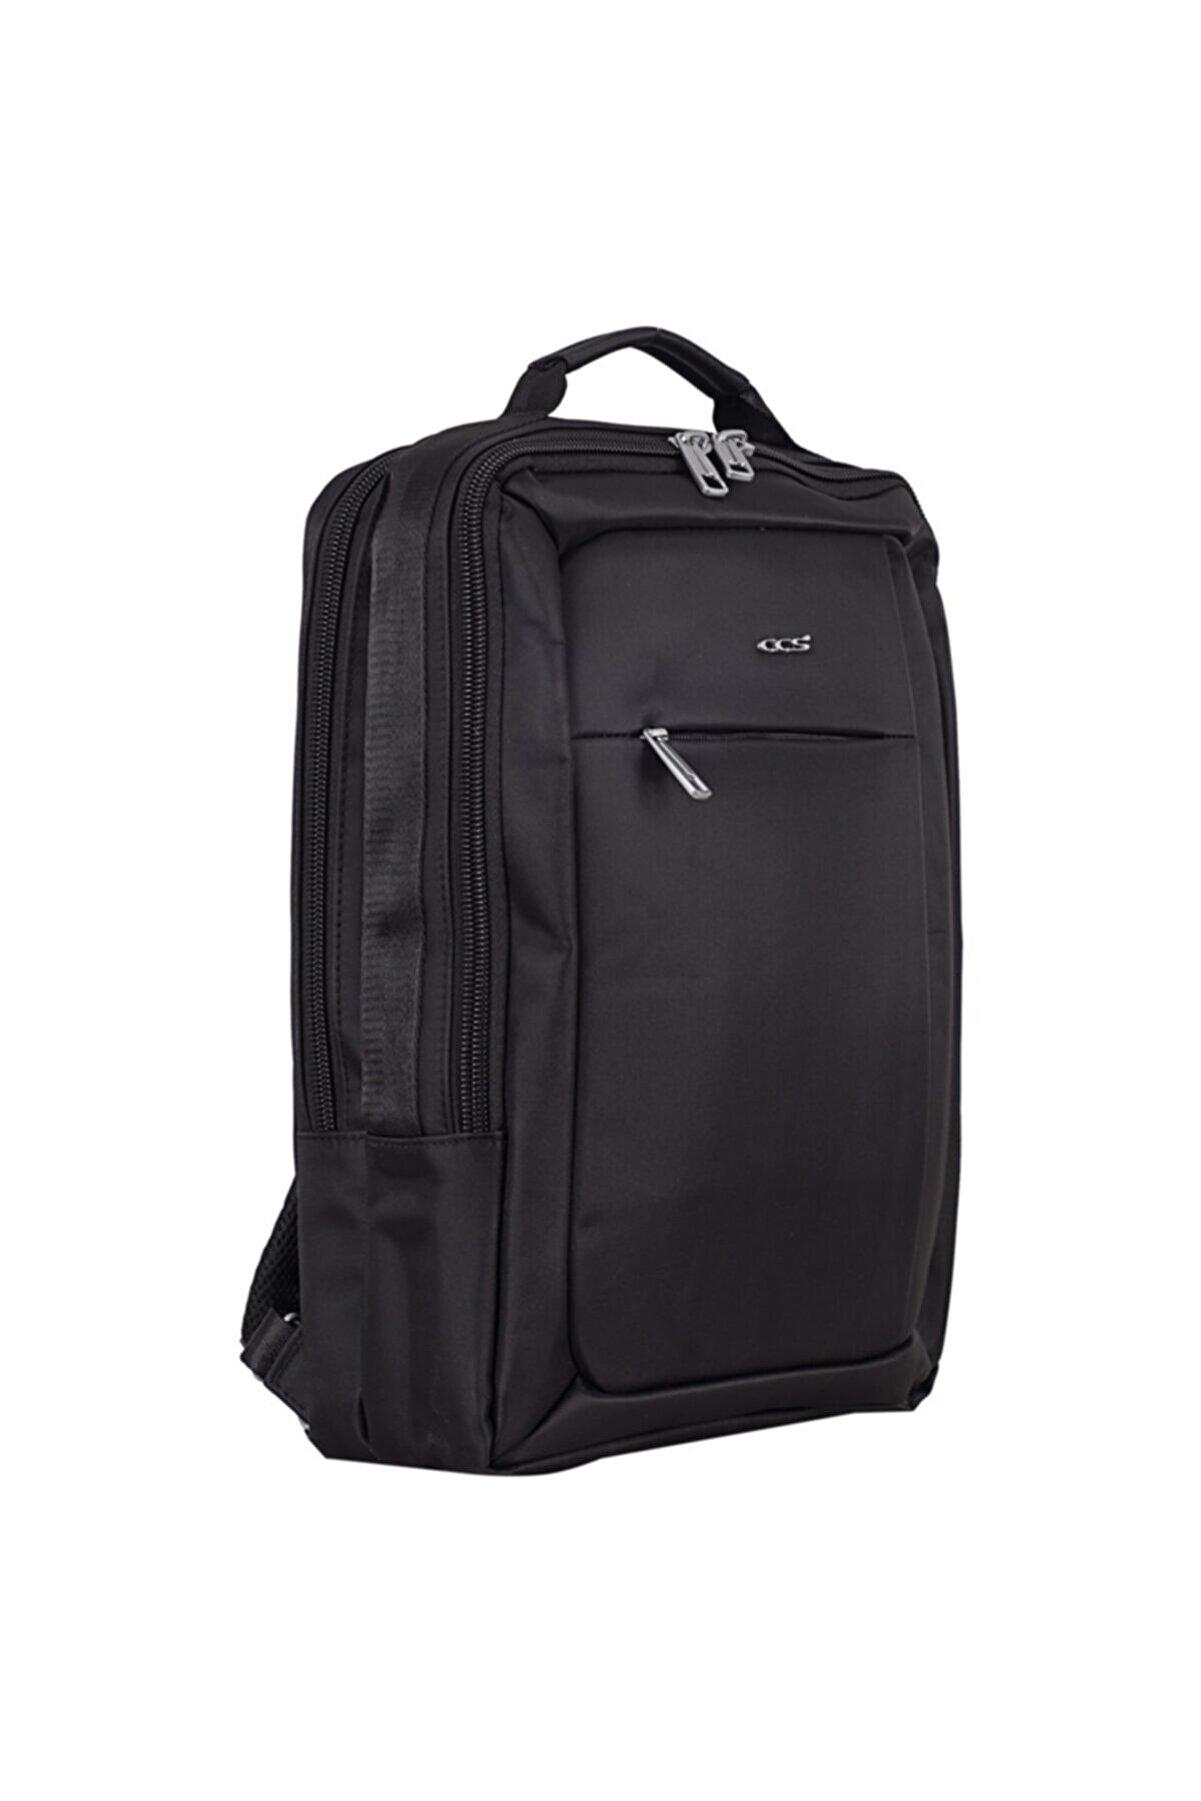 ÇÇS Unisex Siyah  Laptop & Evrak Çantası Ççs51242